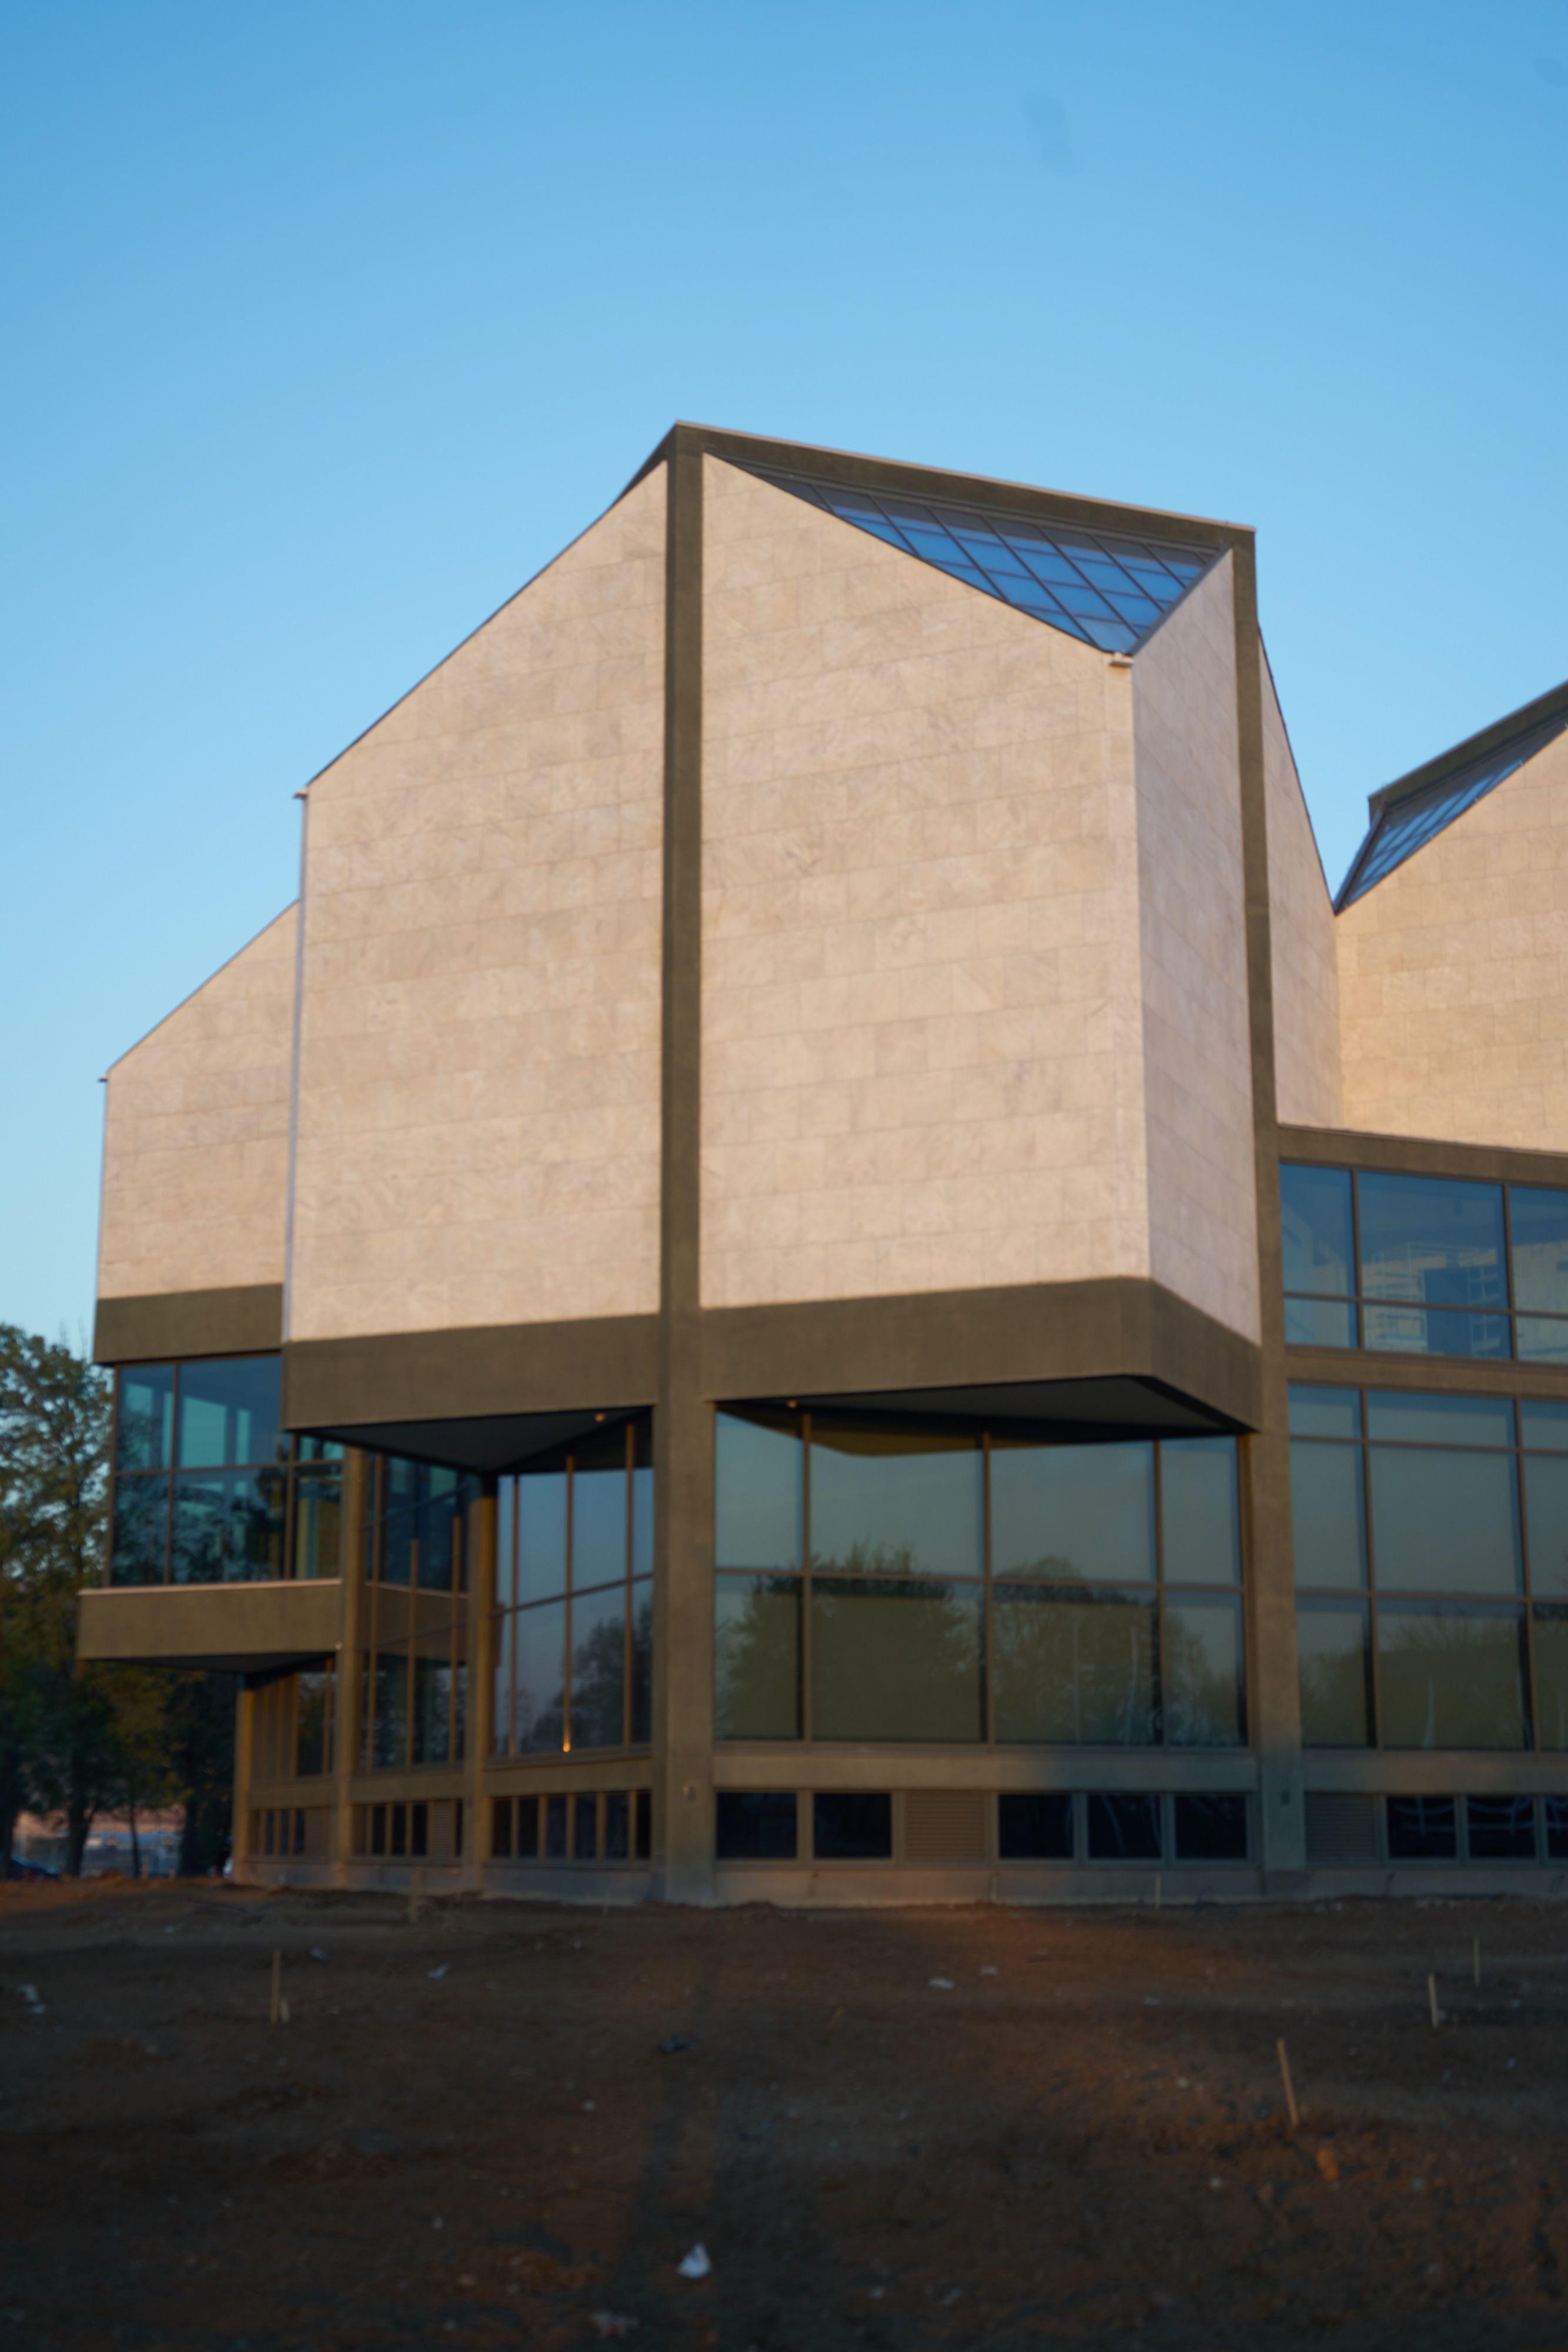 Die herausgedrehten Kuben, Museum für zeitgenössische Kunst, gebaut ...